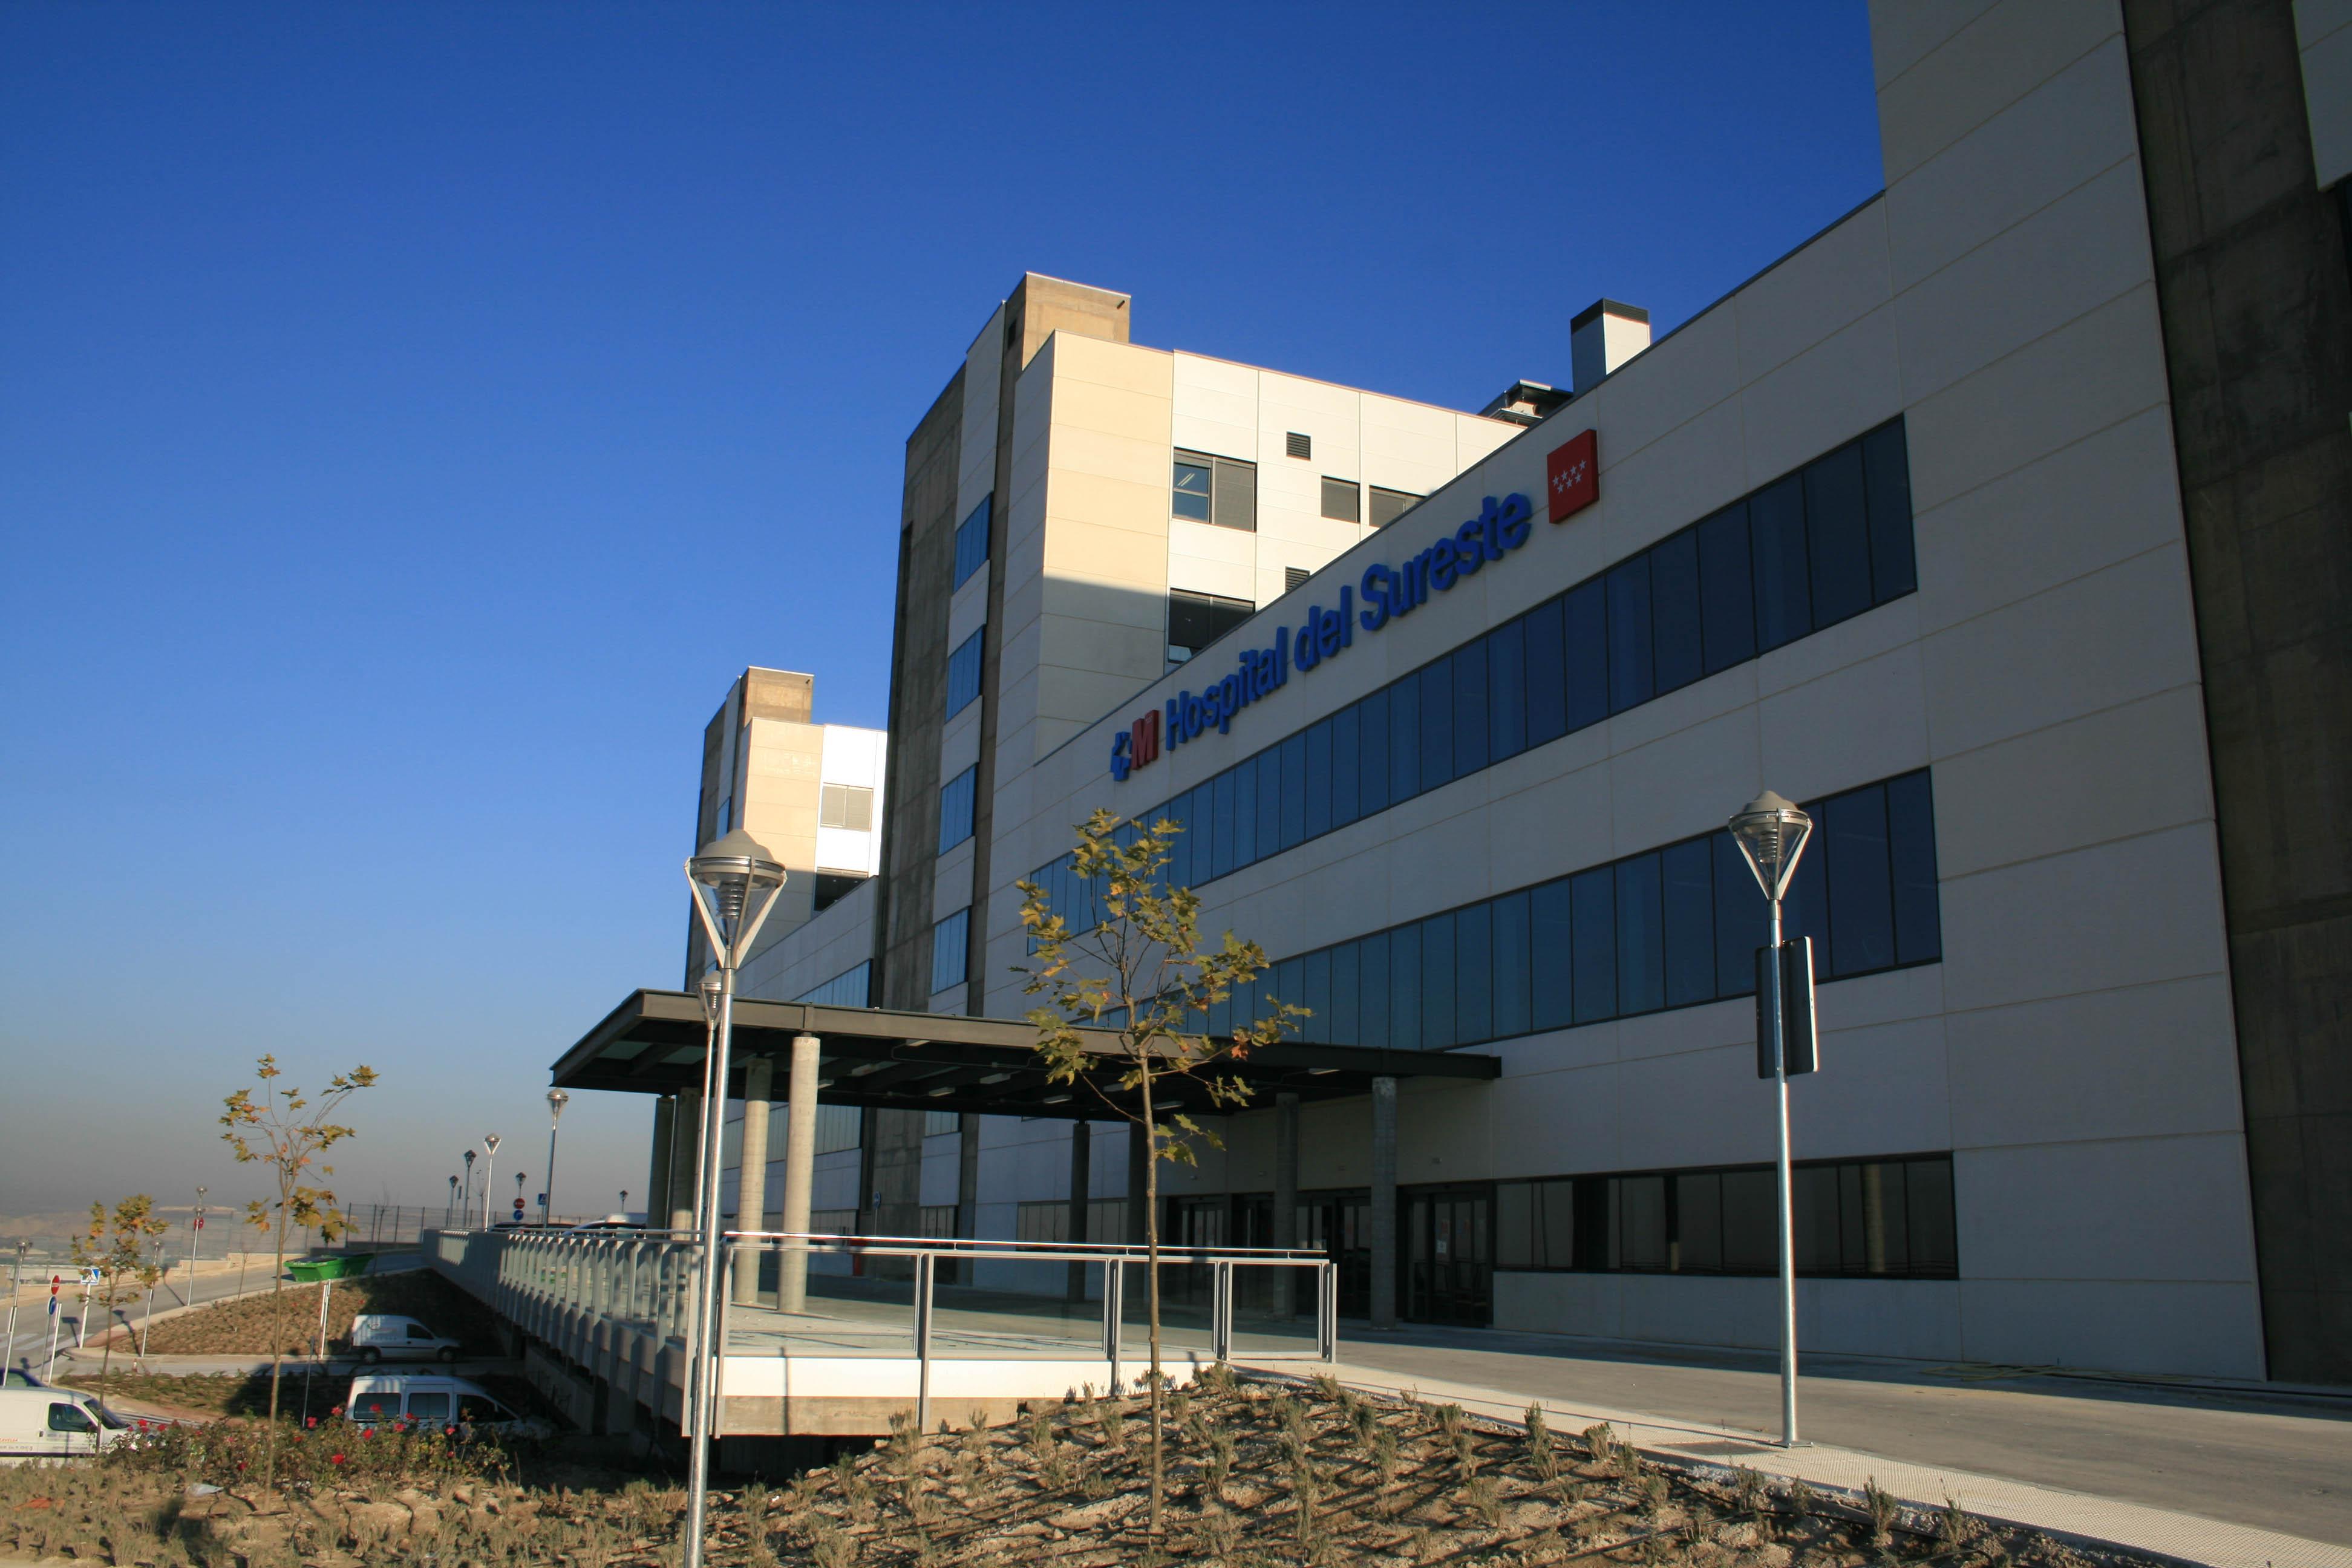 Southeast Hospital